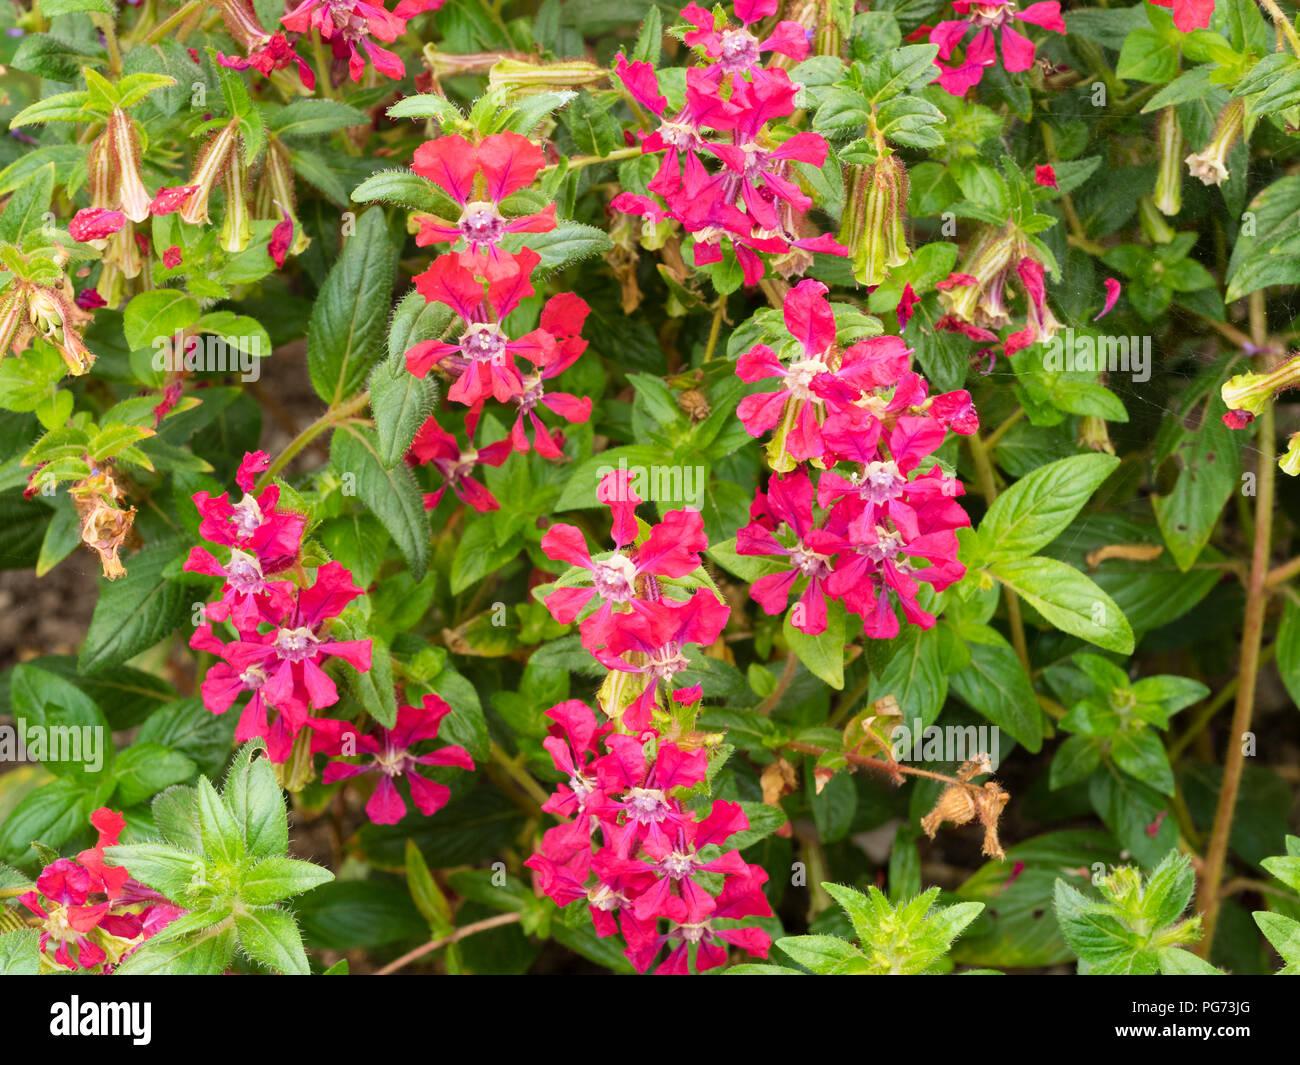 Rote Blumen von Cuphea blepharophylla, eine Ausschreibung mehrjährig normalerweise angebaut als jährliche für Sommer Bettwäsche Systeme Stockbild